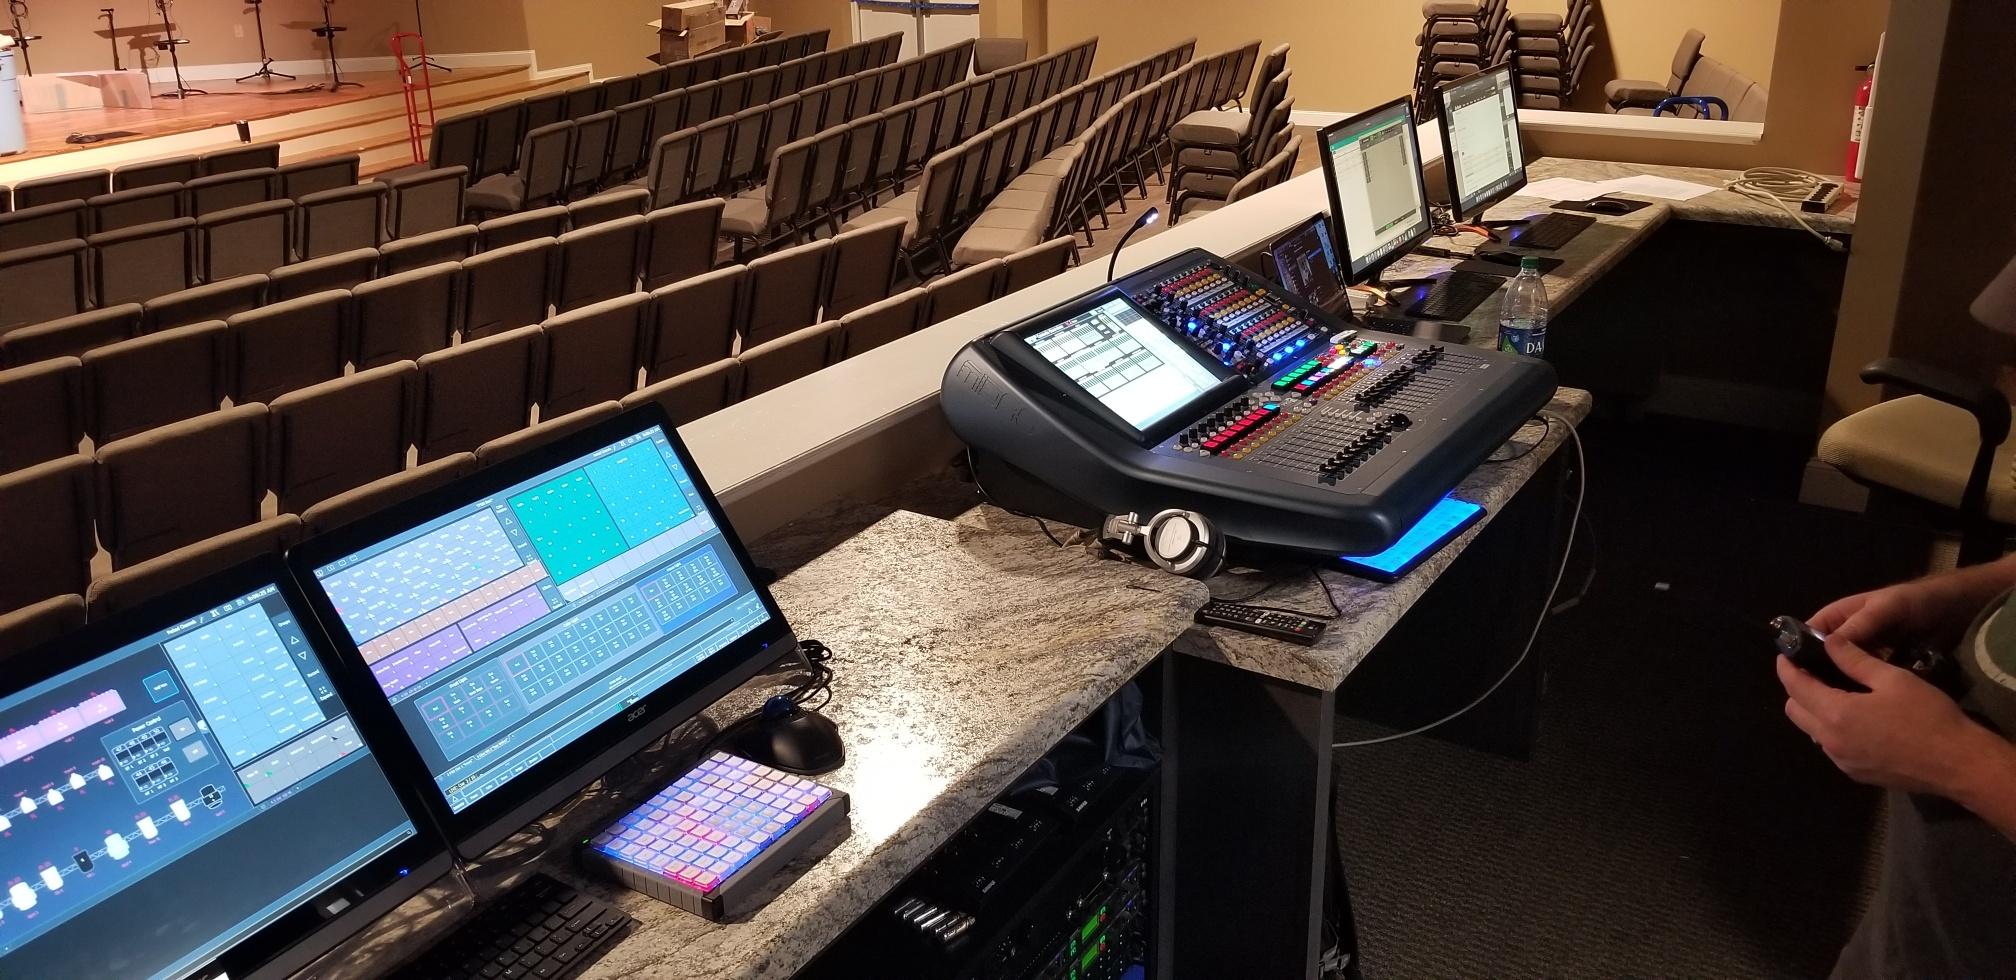 connect fwb church (tupelo, ms)